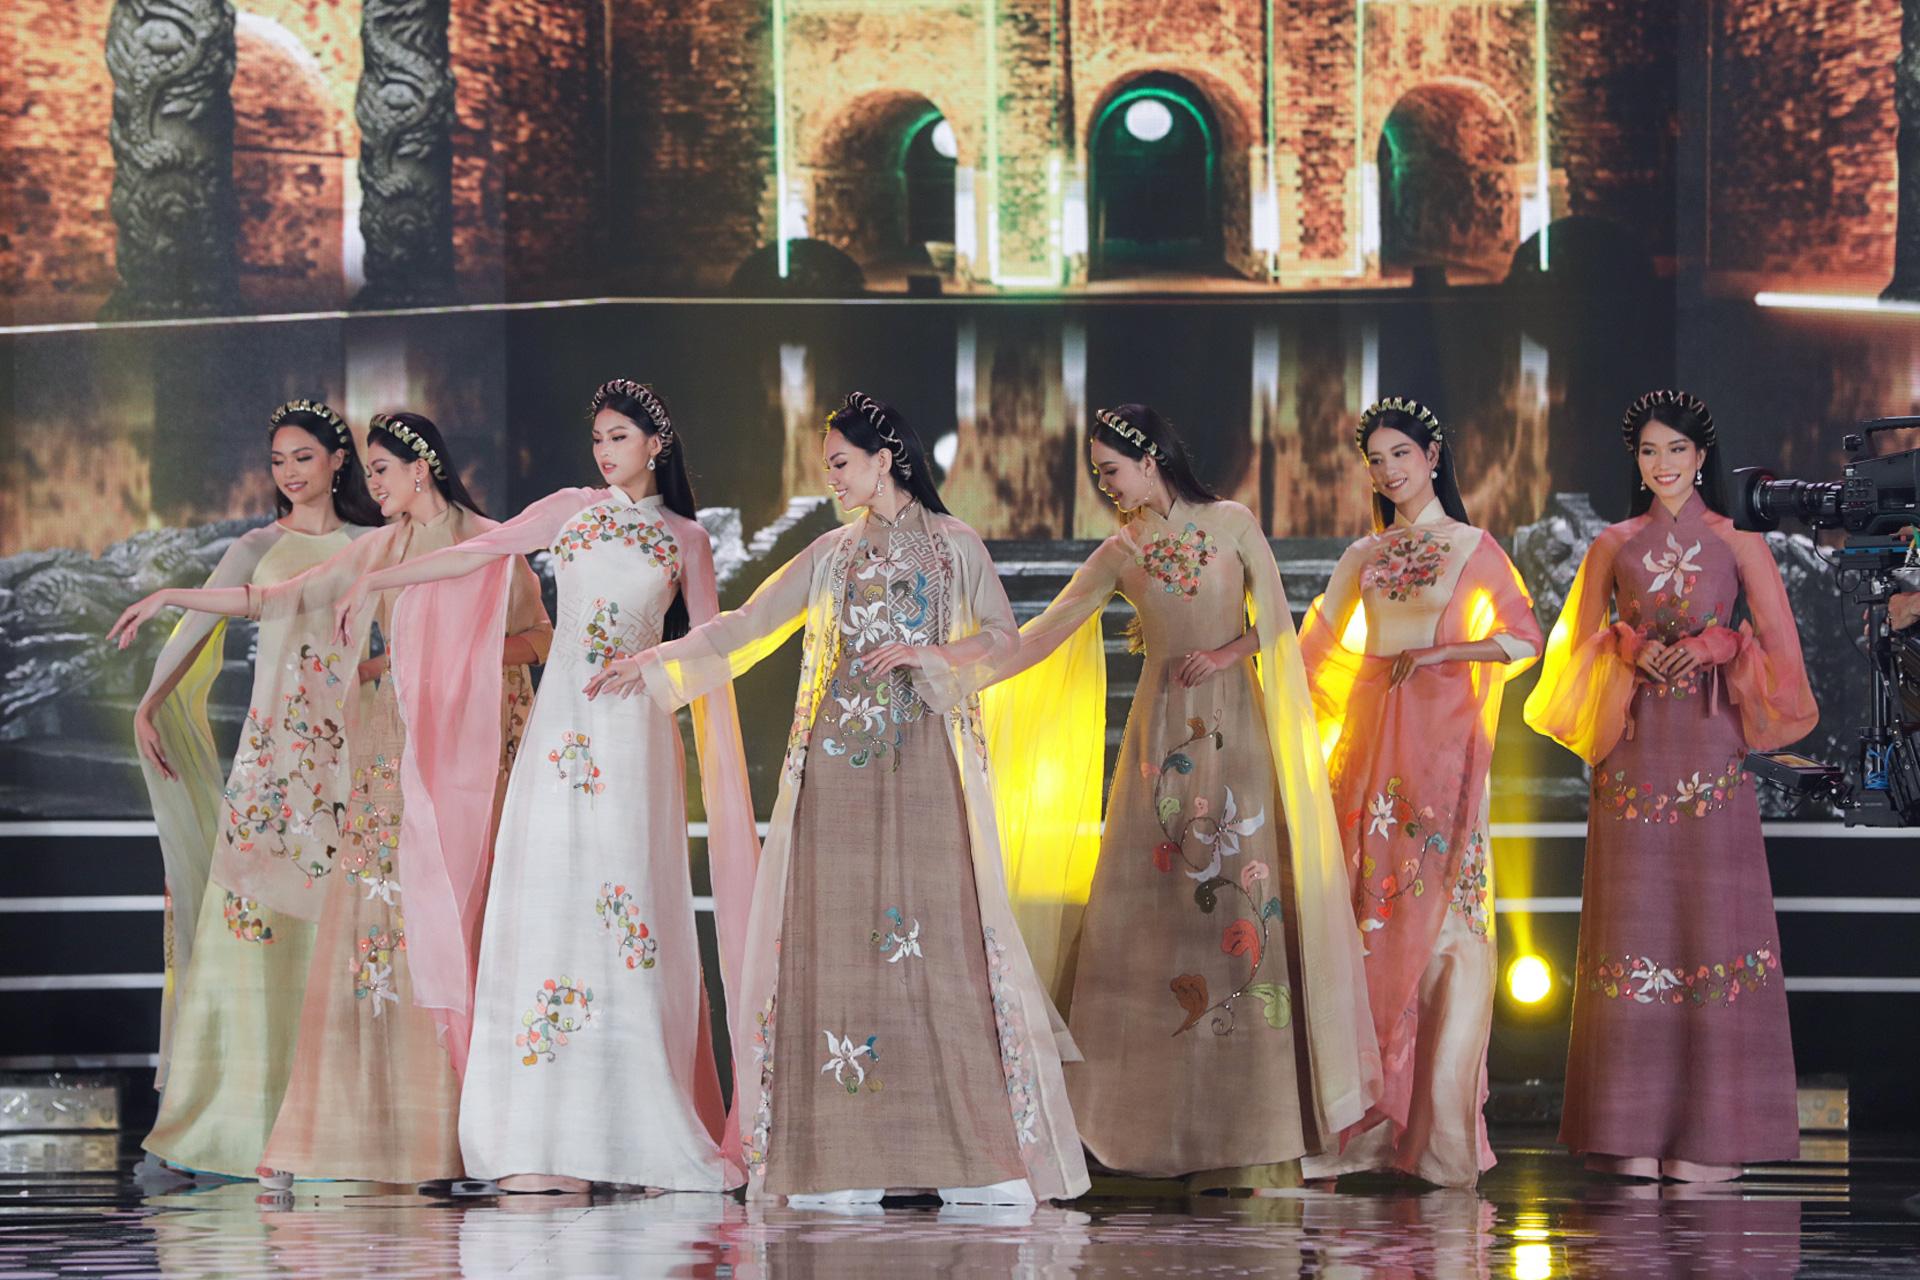 5 Hoa hậu mặc áo dài đọ sắc Chung kết Hoa hậu Việt Nam: Đặng Thu Thảo đẹp tựa nữ thần,  - Ảnh 9.